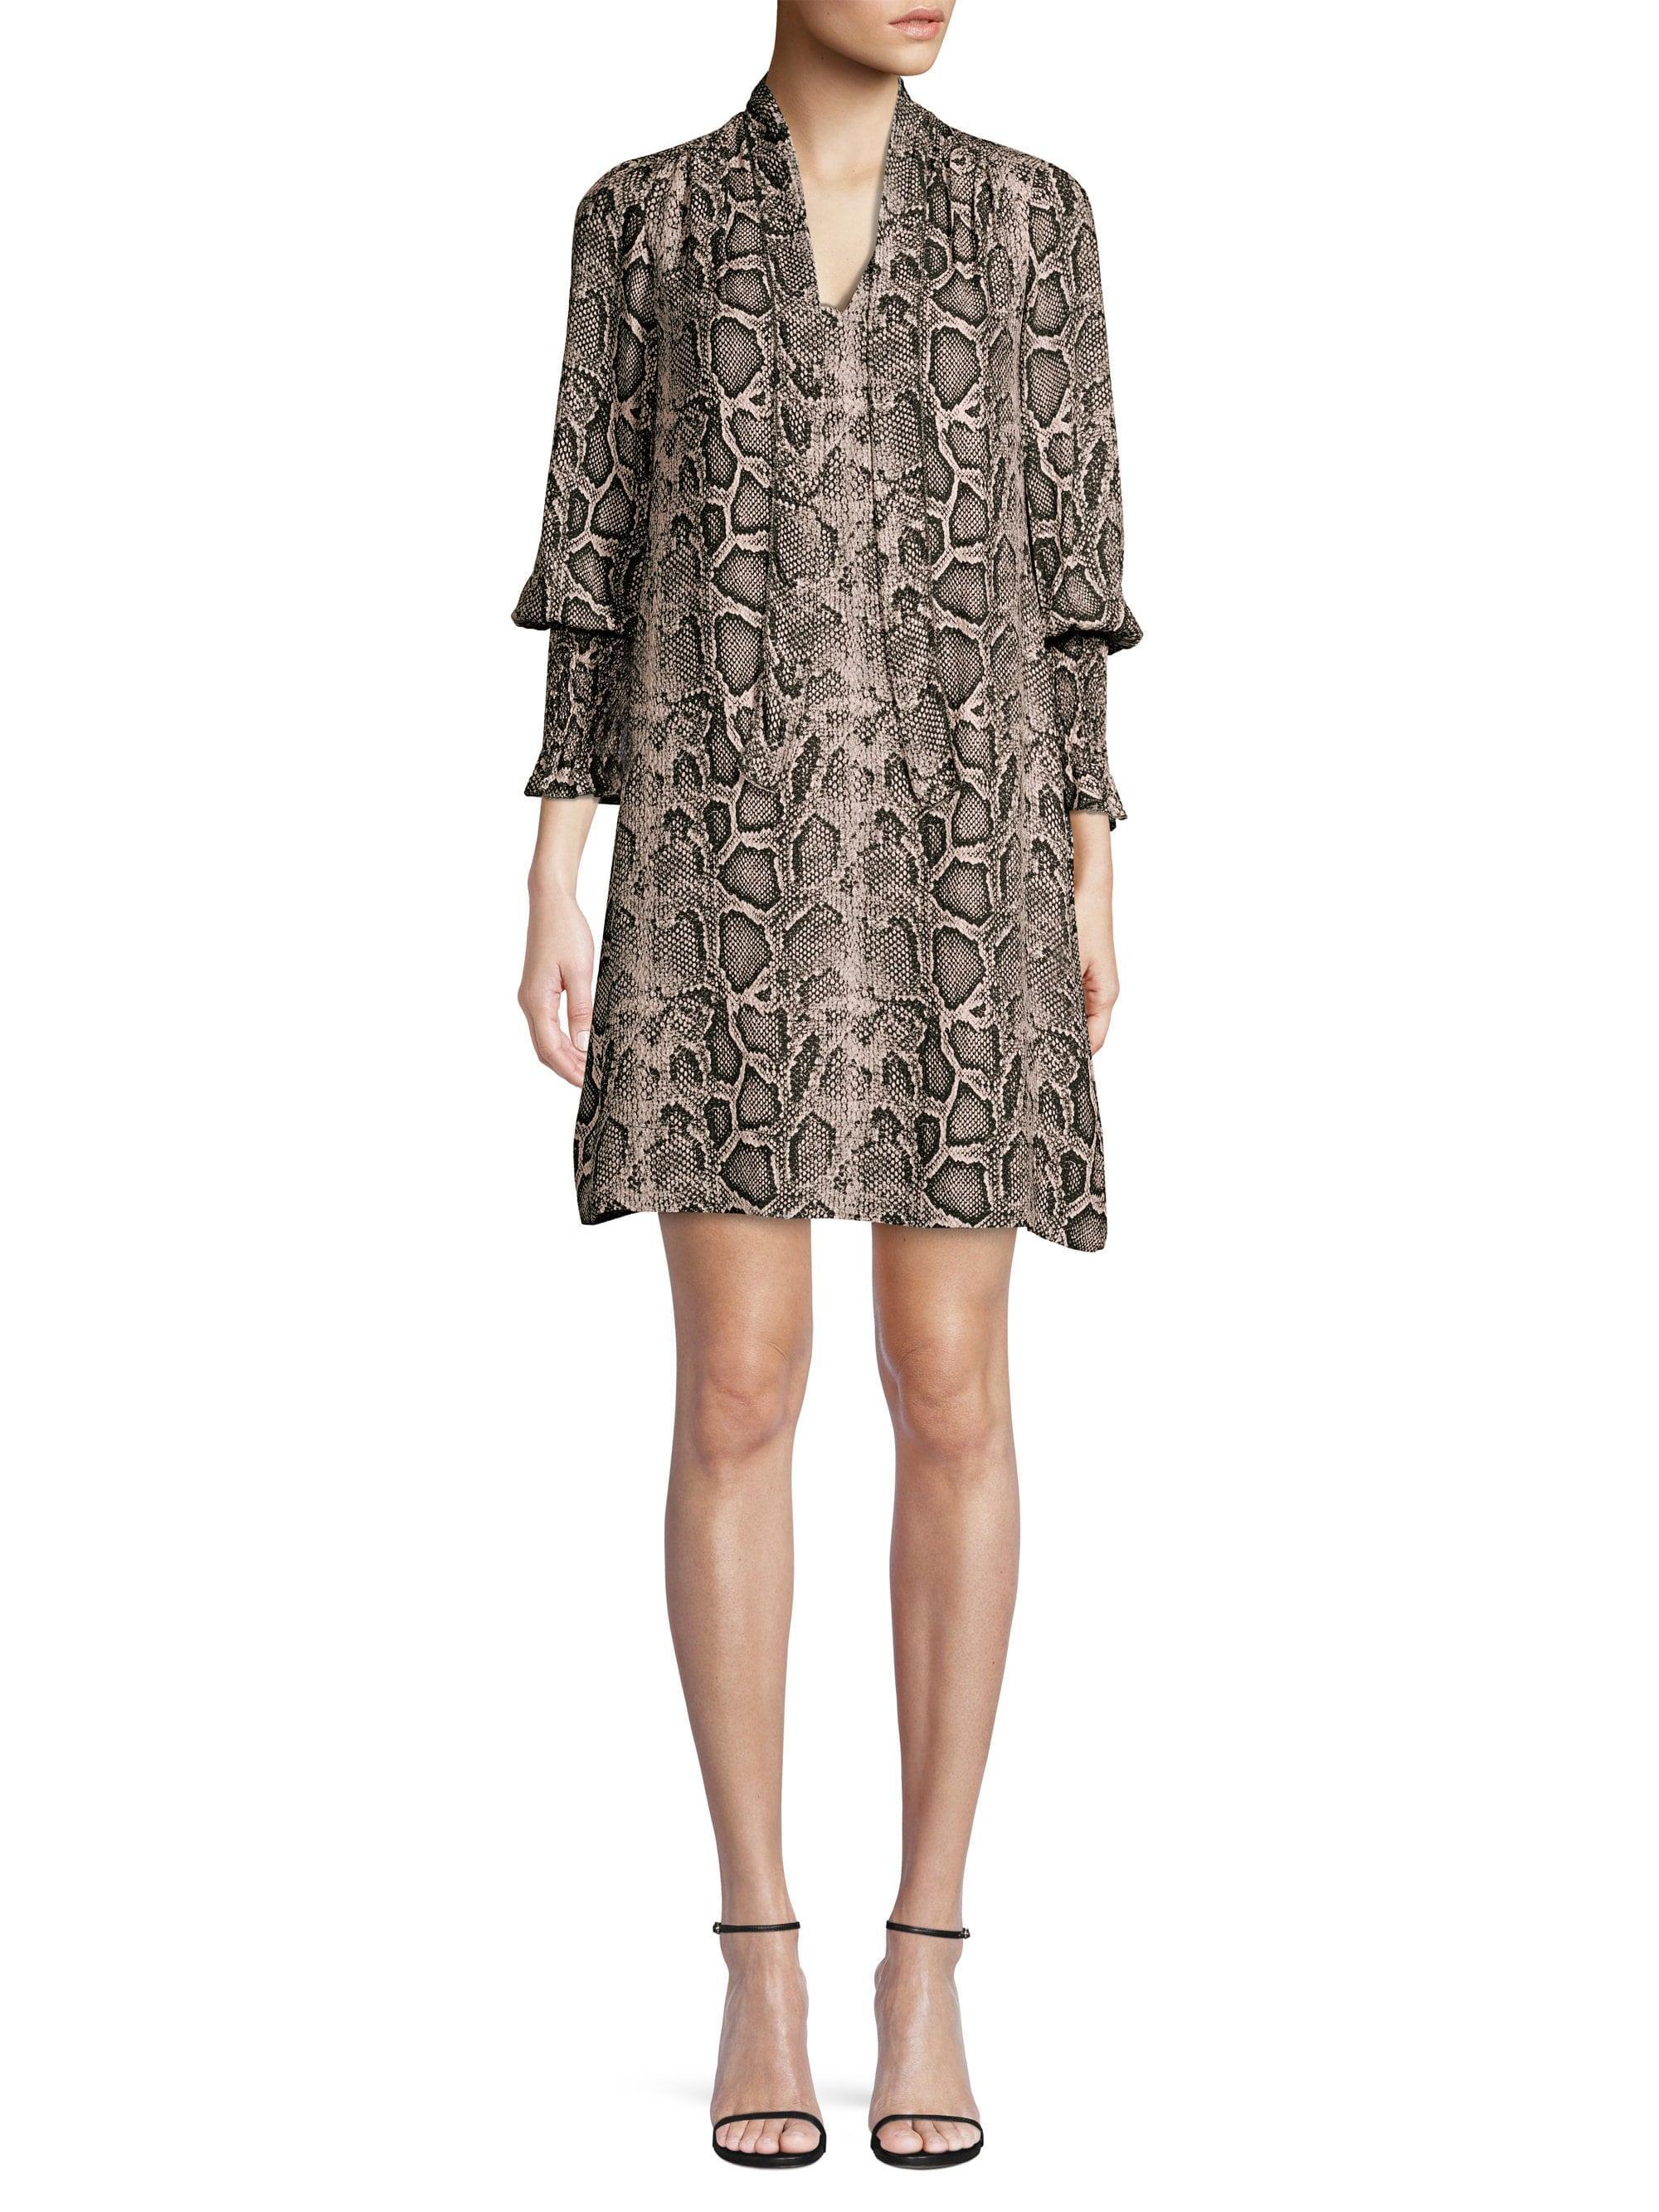 3dc2de00c4a0 Rebecca Taylor Women's Snake Print Shirt Dress - Washed Black - Size ...